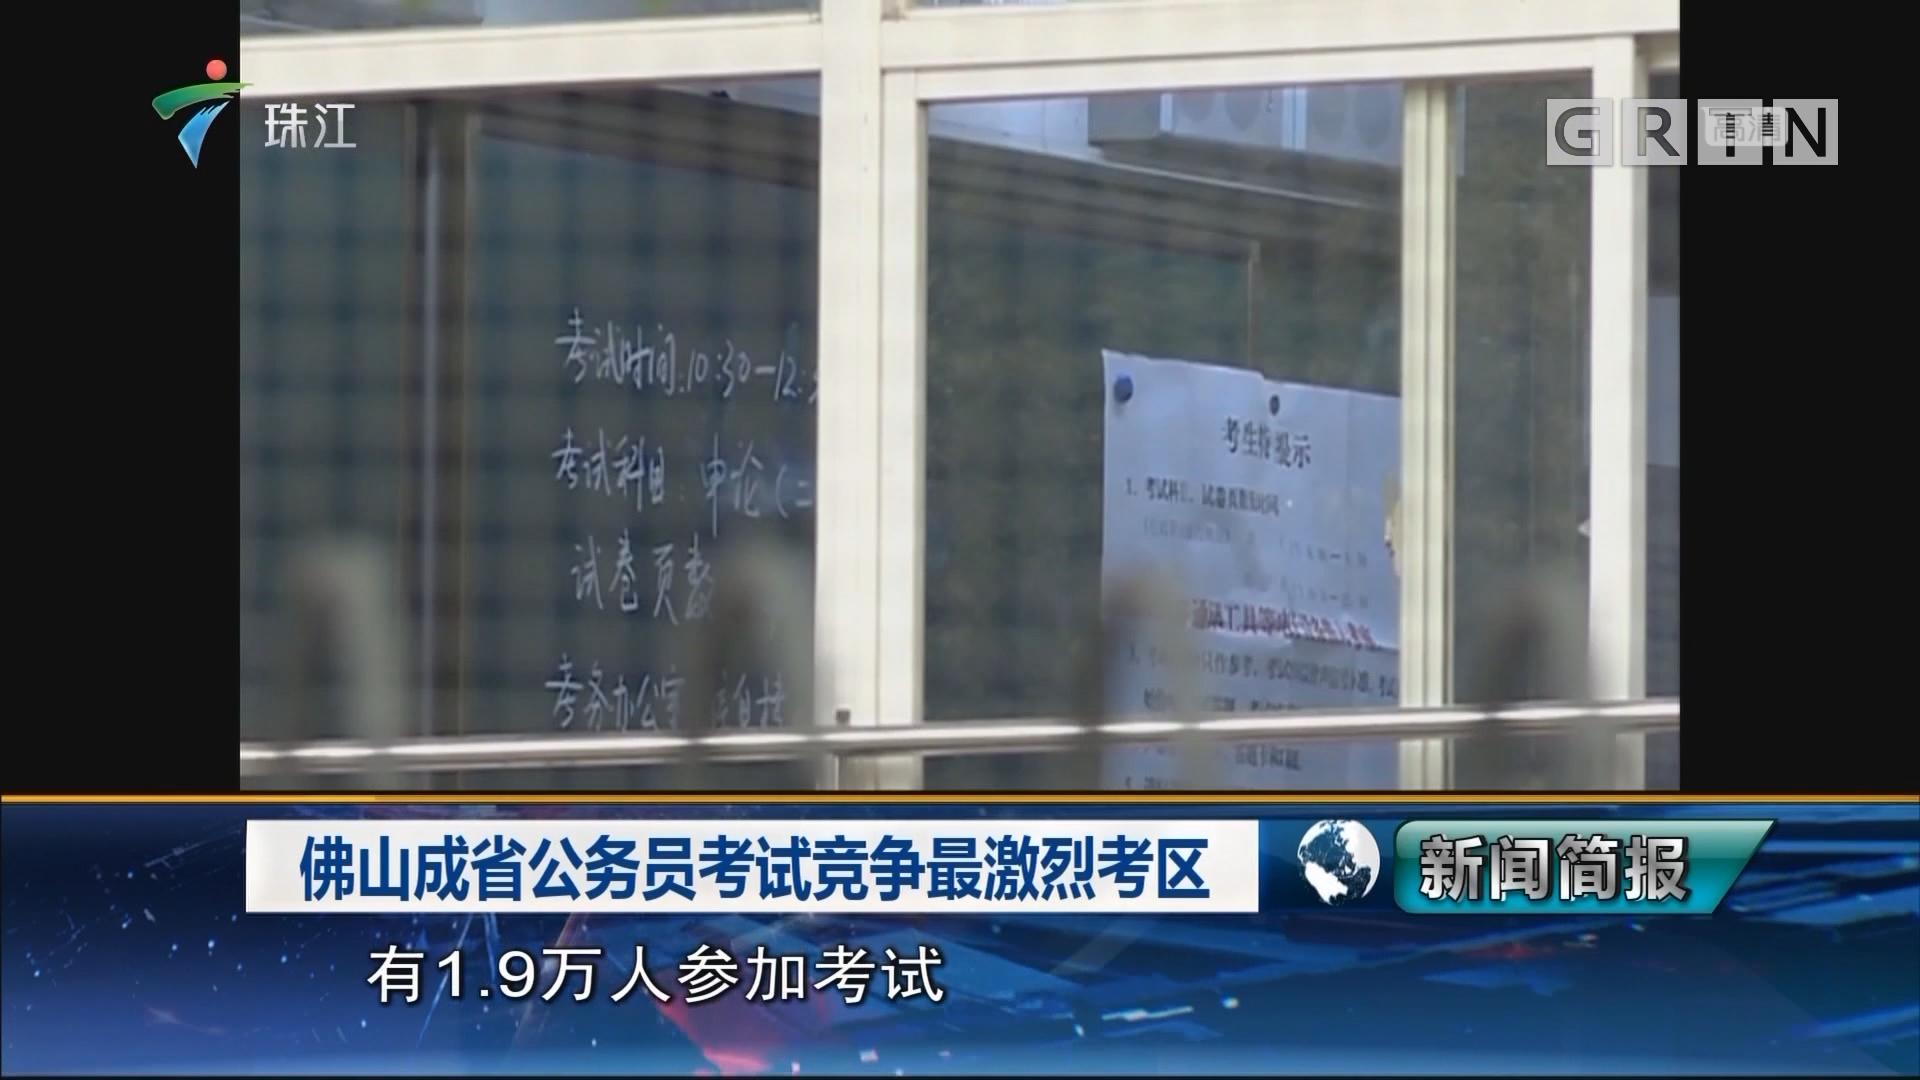 佛山成省公务员考试竞争最激烈考区